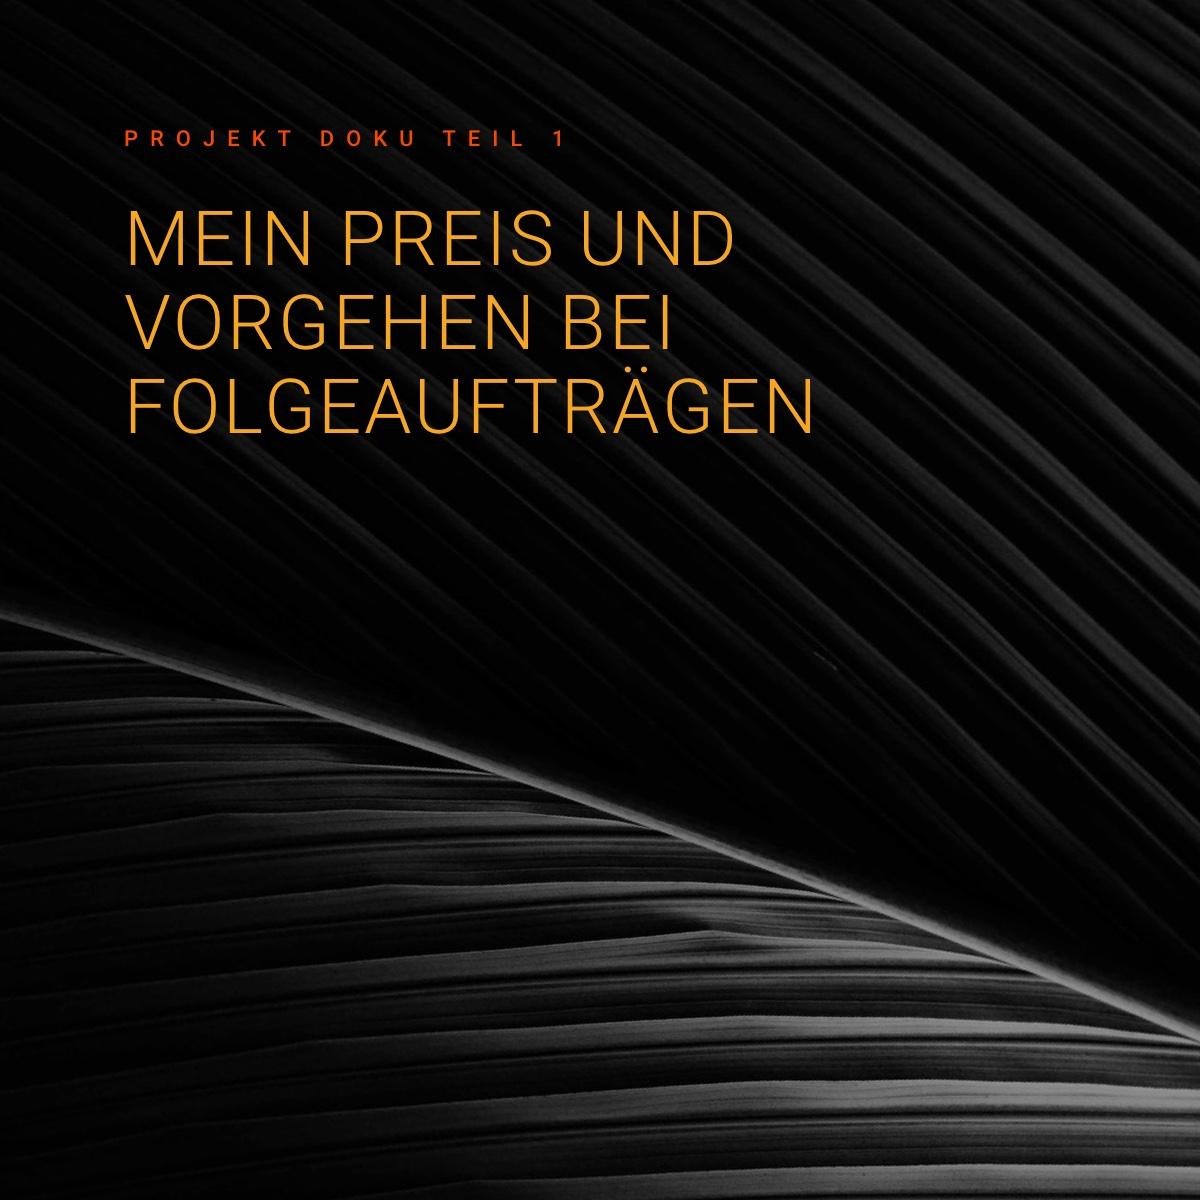 Neuer Online Shop Auftrag (Mai 2020) – Mein Preis und Ablauf bei Folgeaufträgen - Doku 1